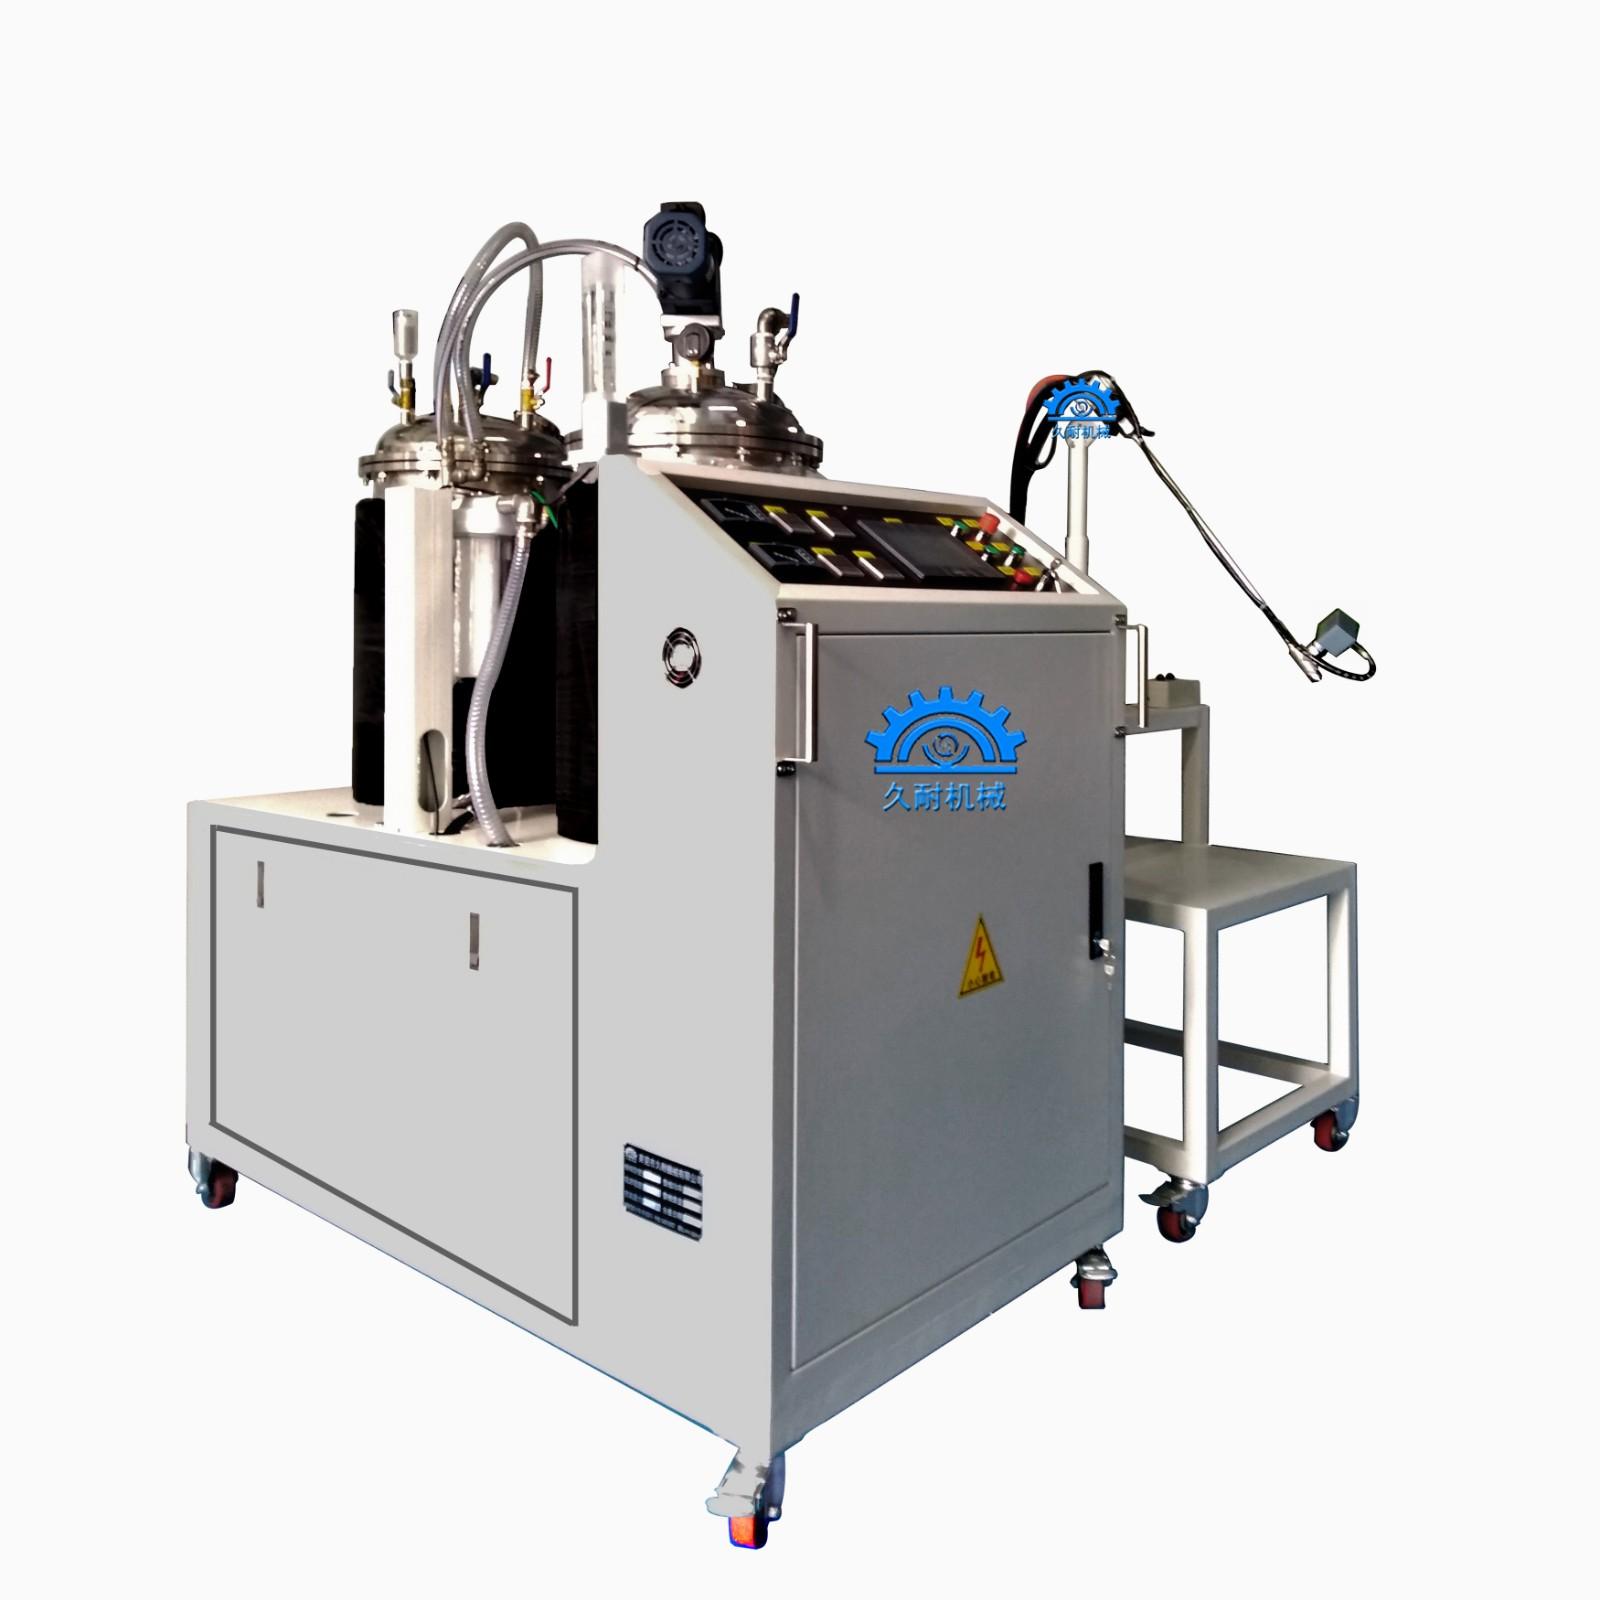 东莞久耐机械树脂注射机最新报价 久耐机械树脂注射机厂家直销